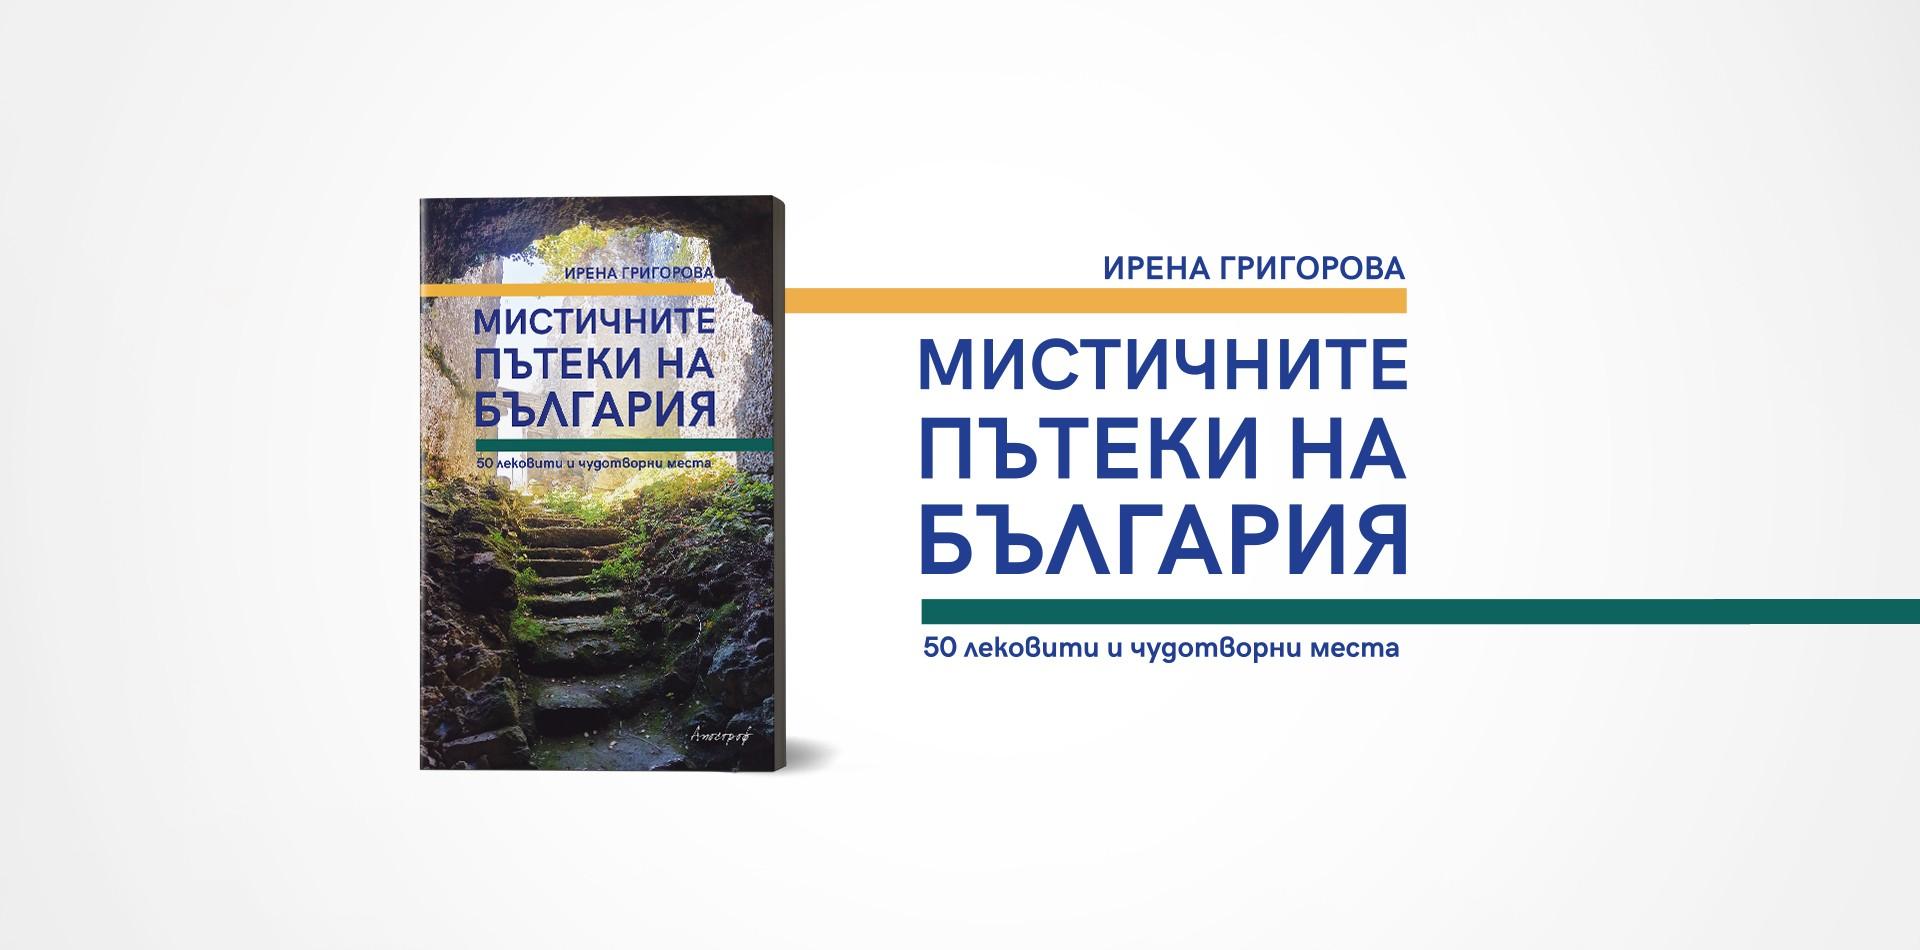 """Из """"Мистичните пътеки на България"""""""